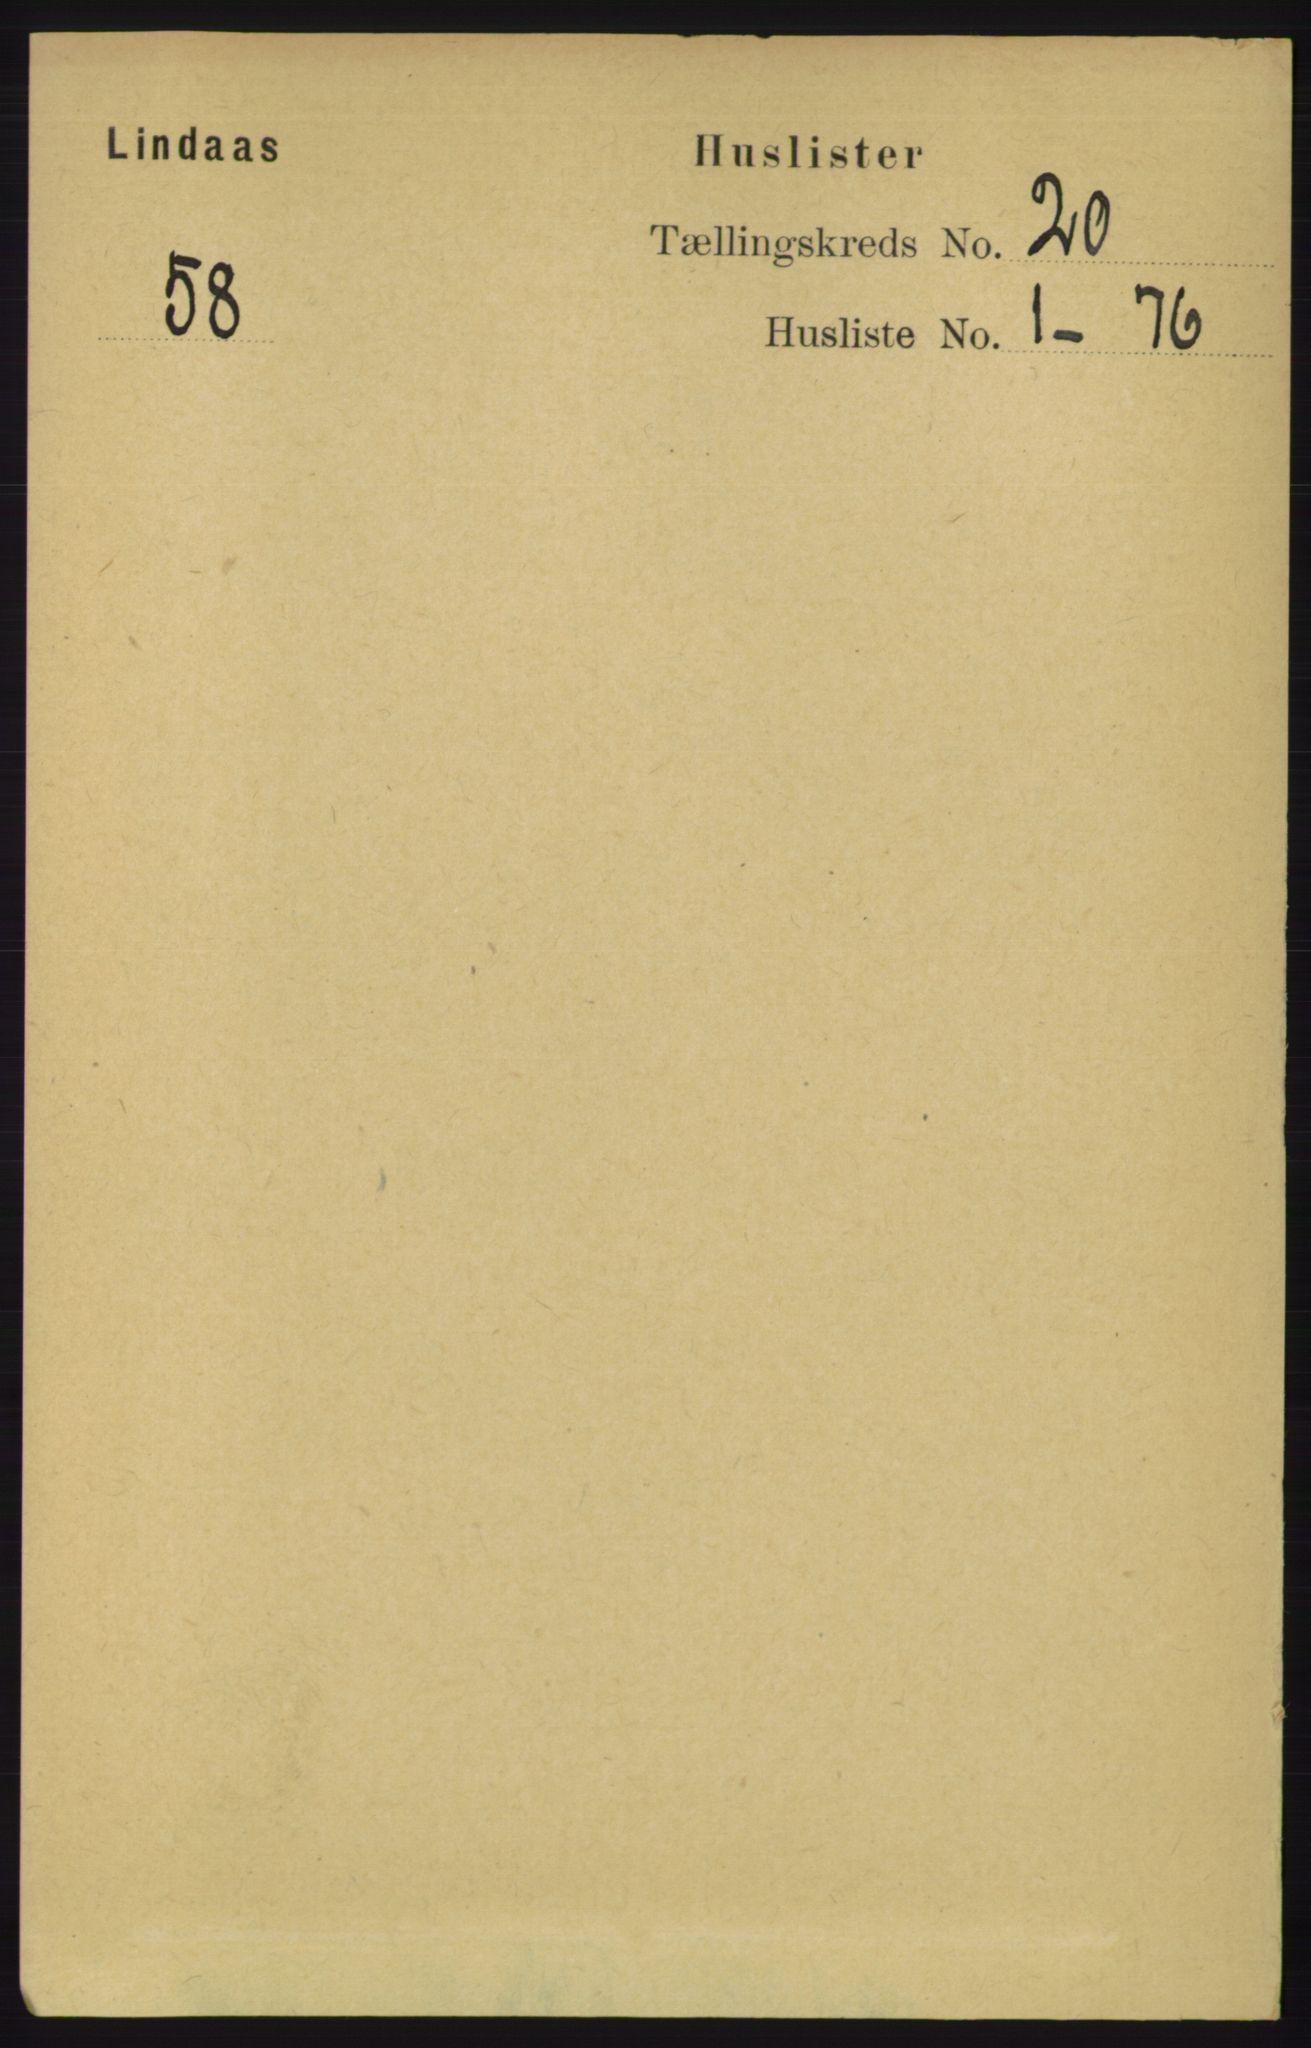 RA, Folketelling 1891 for 1263 Lindås herred, 1891, s. 7272